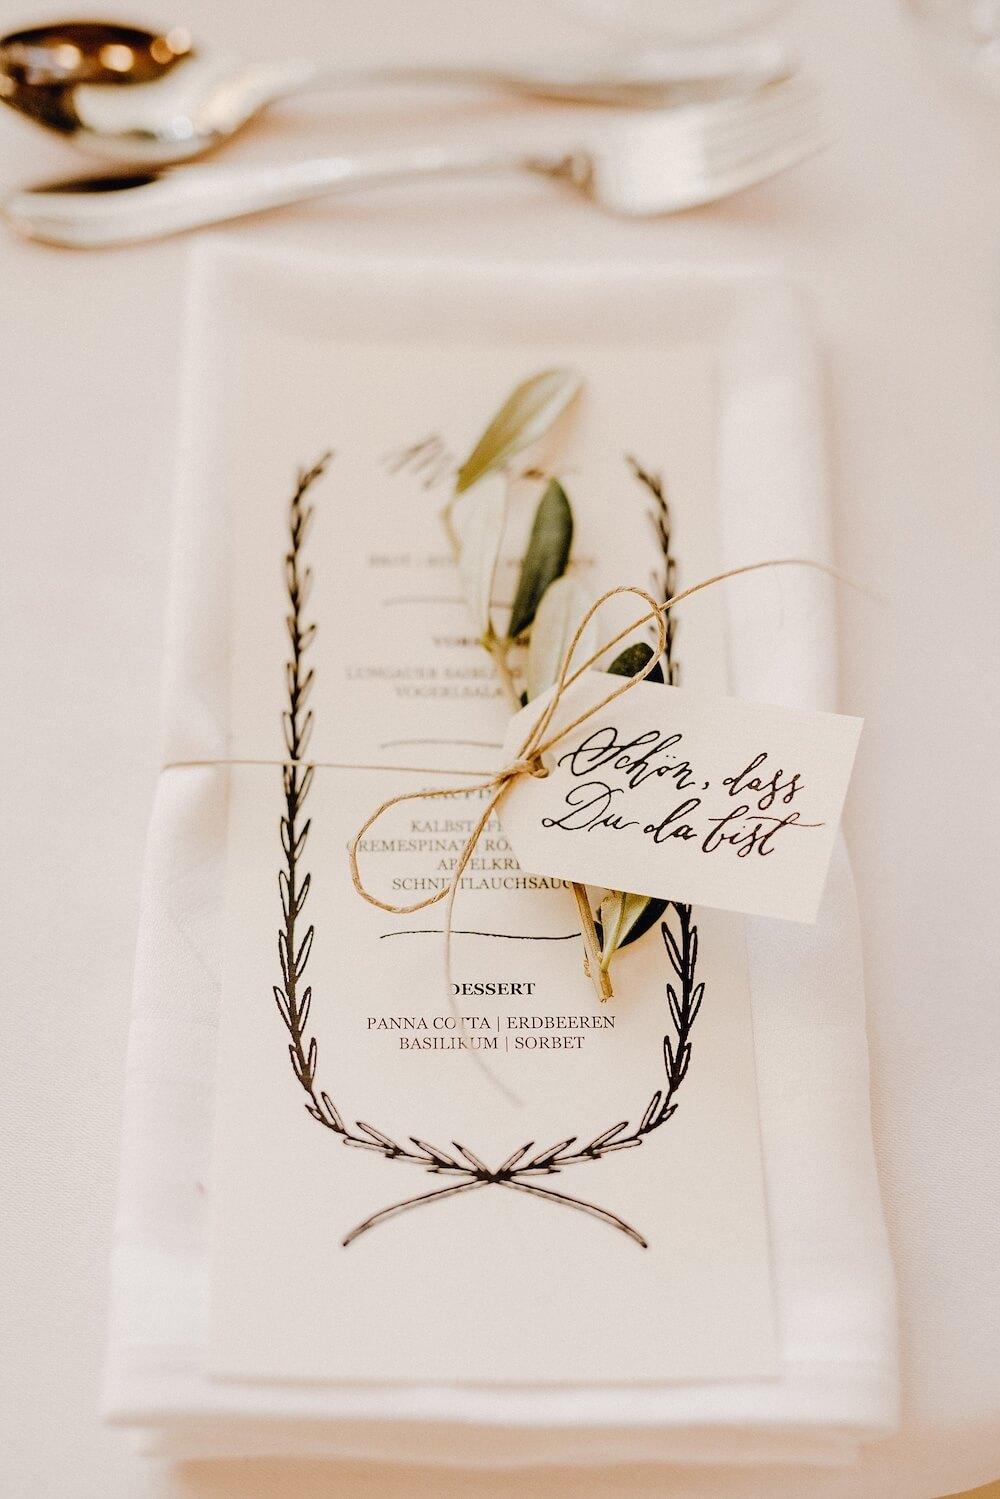 Gastgeschenk Hochzeit Hochzeitseinladungen Text Einladung DIY diy Blumen günstig Sprüche basteln Vintage Kalligrafie Kalligraphie Hand Lettering drucken selber machen selber gestalten sparen Set download Menükarte Hochzeitsmenü